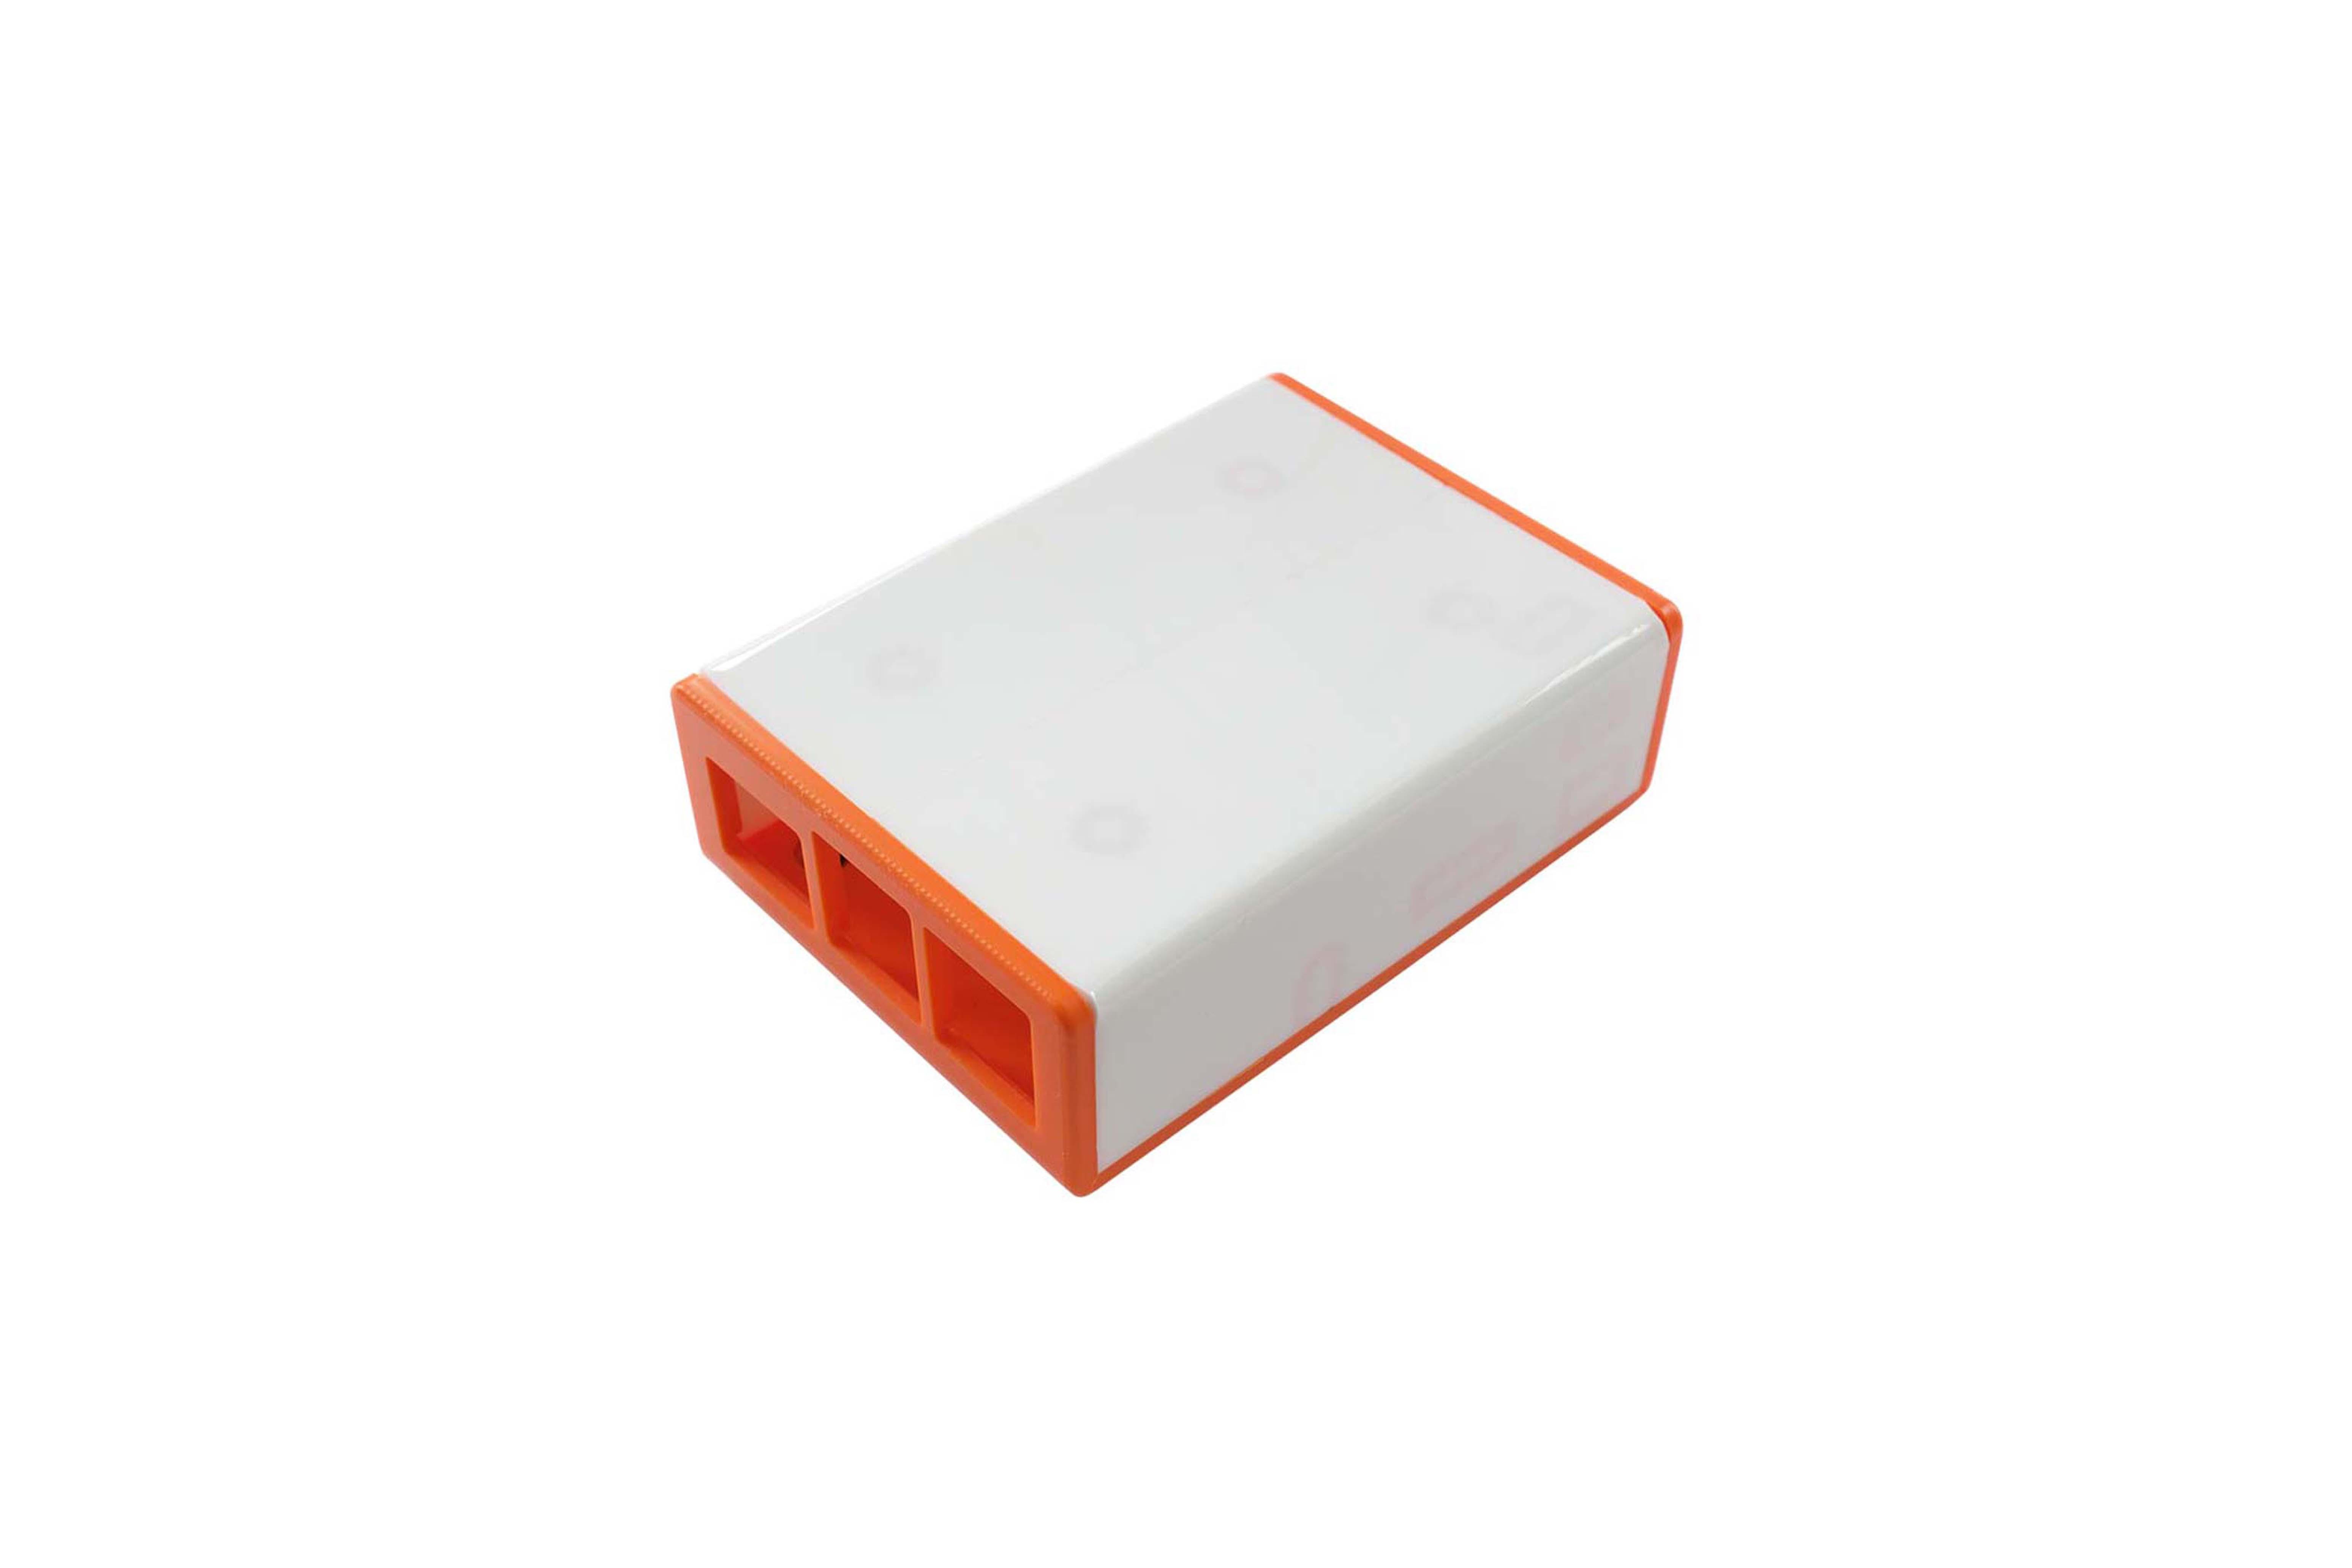 フリック HATケース - オレンジ/ホワイト